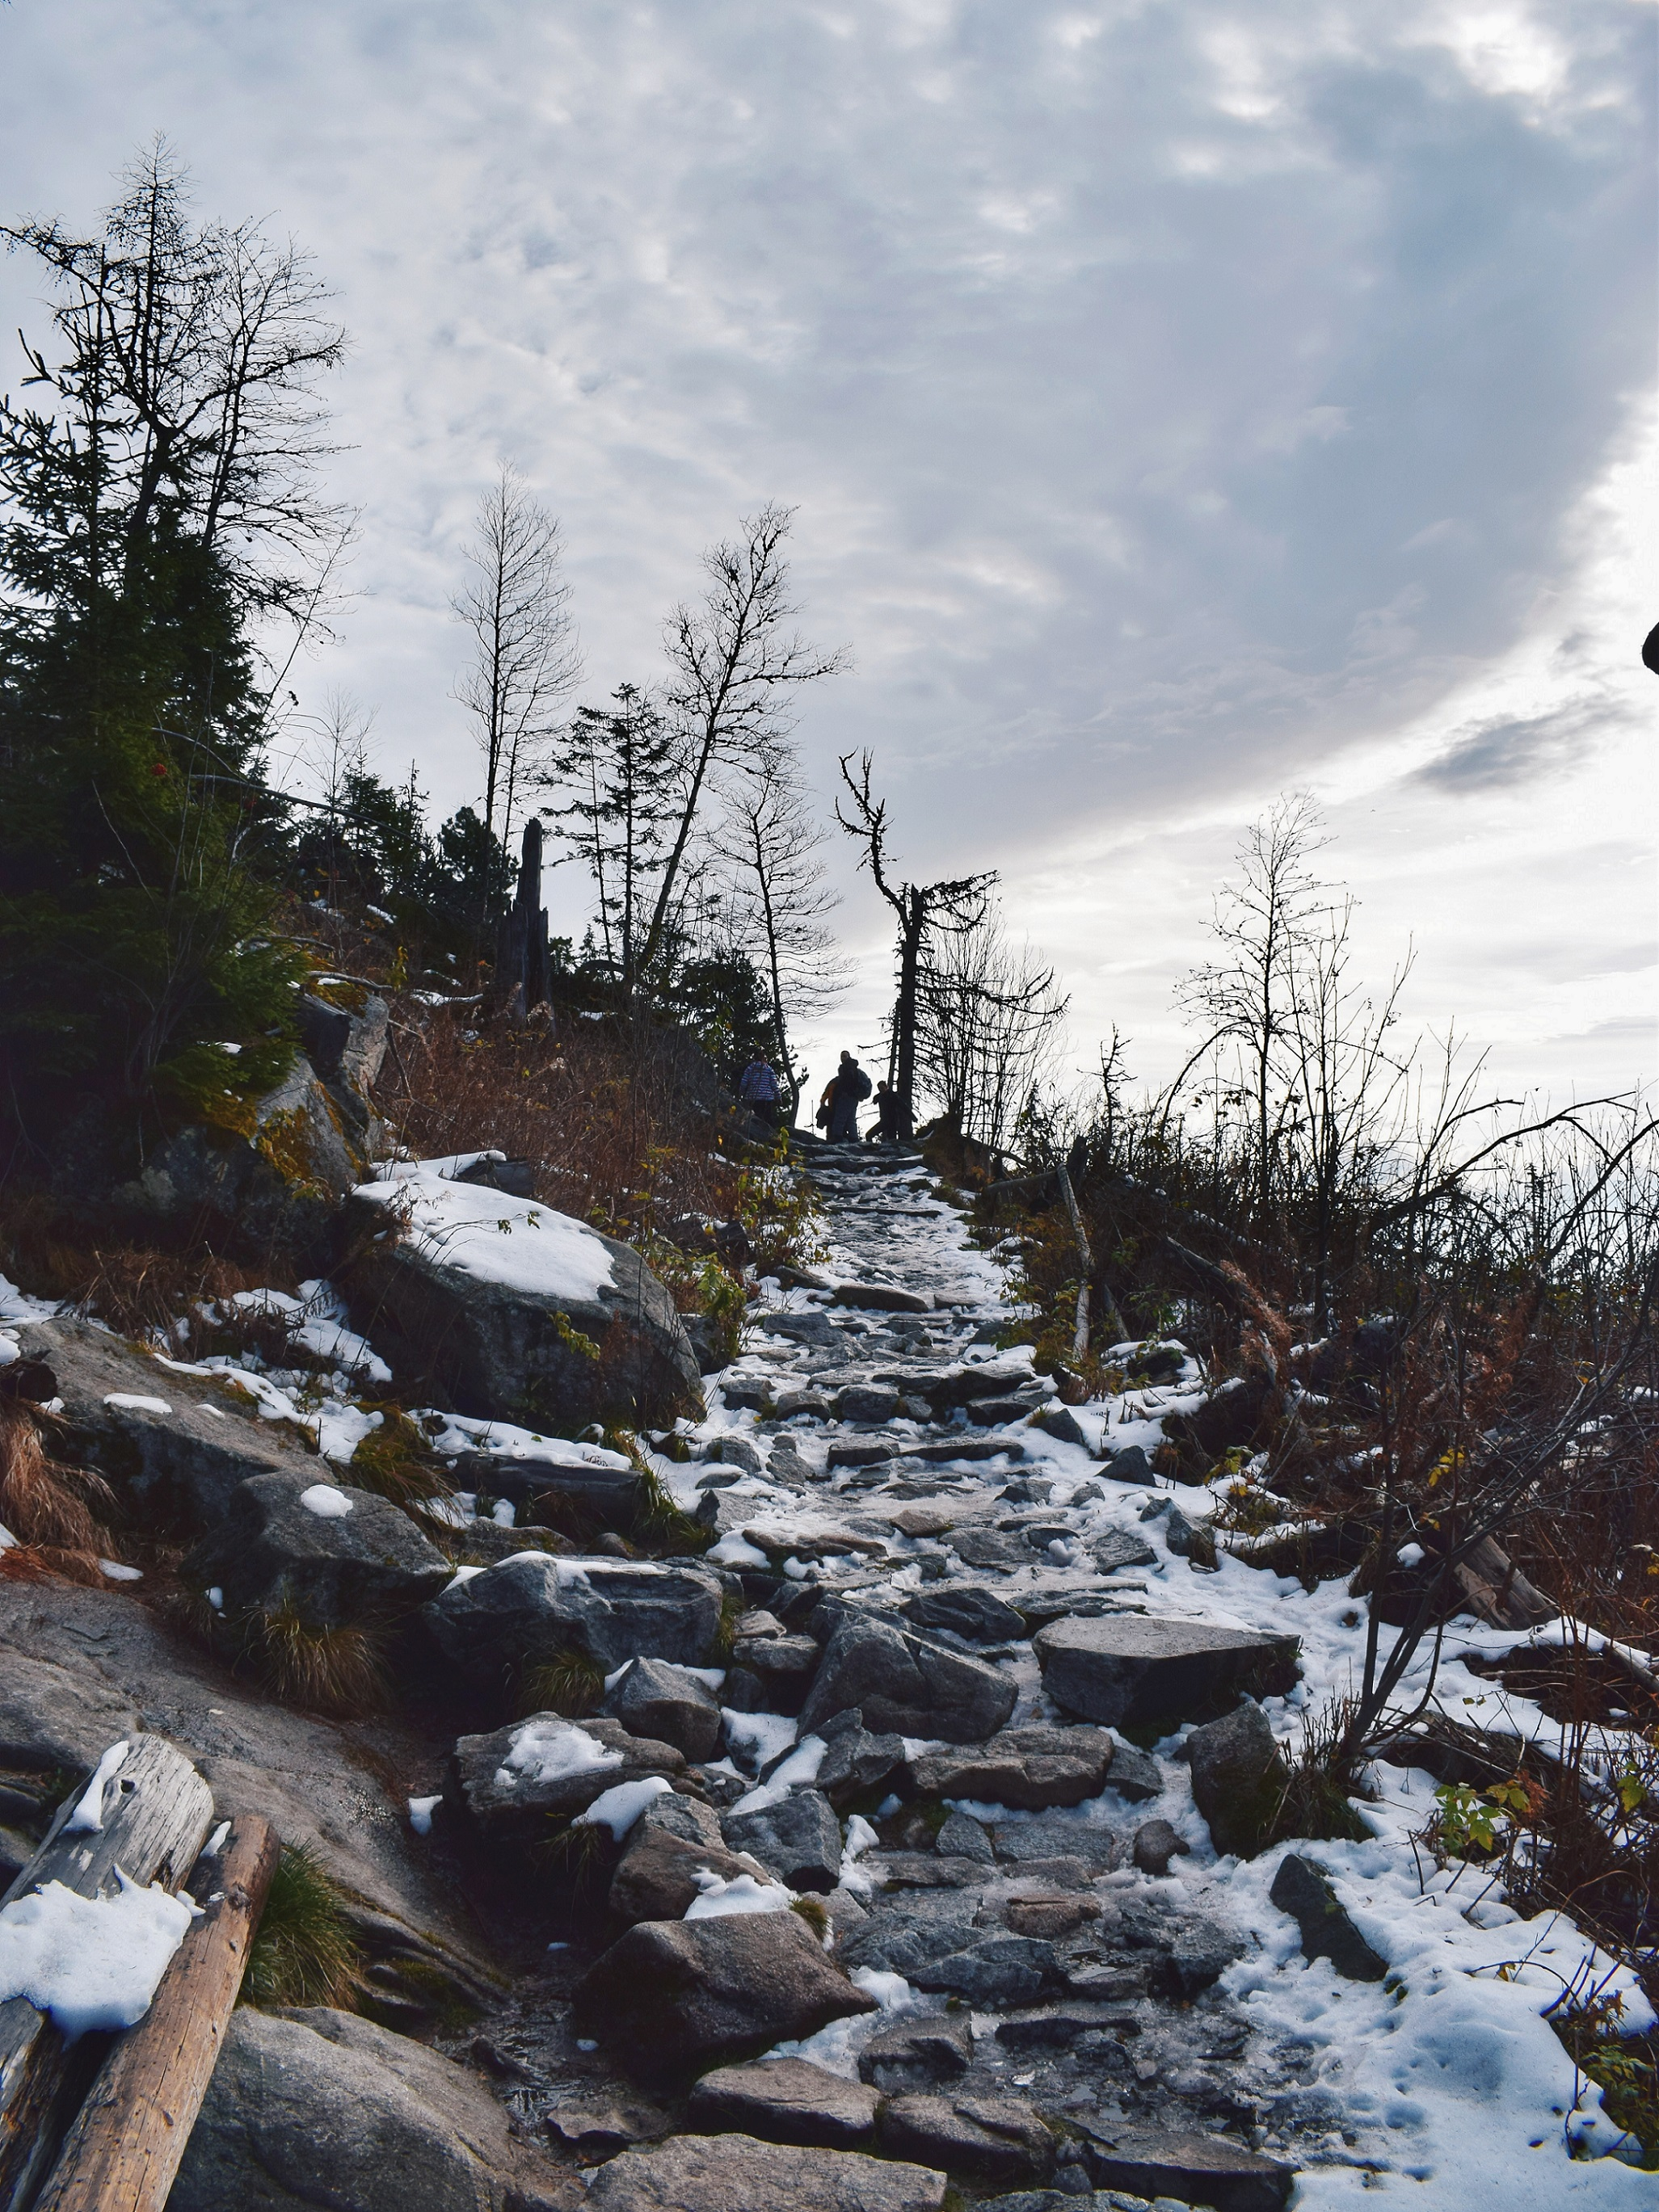 Outlandish blog travel photo diary Tatra Mountains hiking scenery photography Slovakia